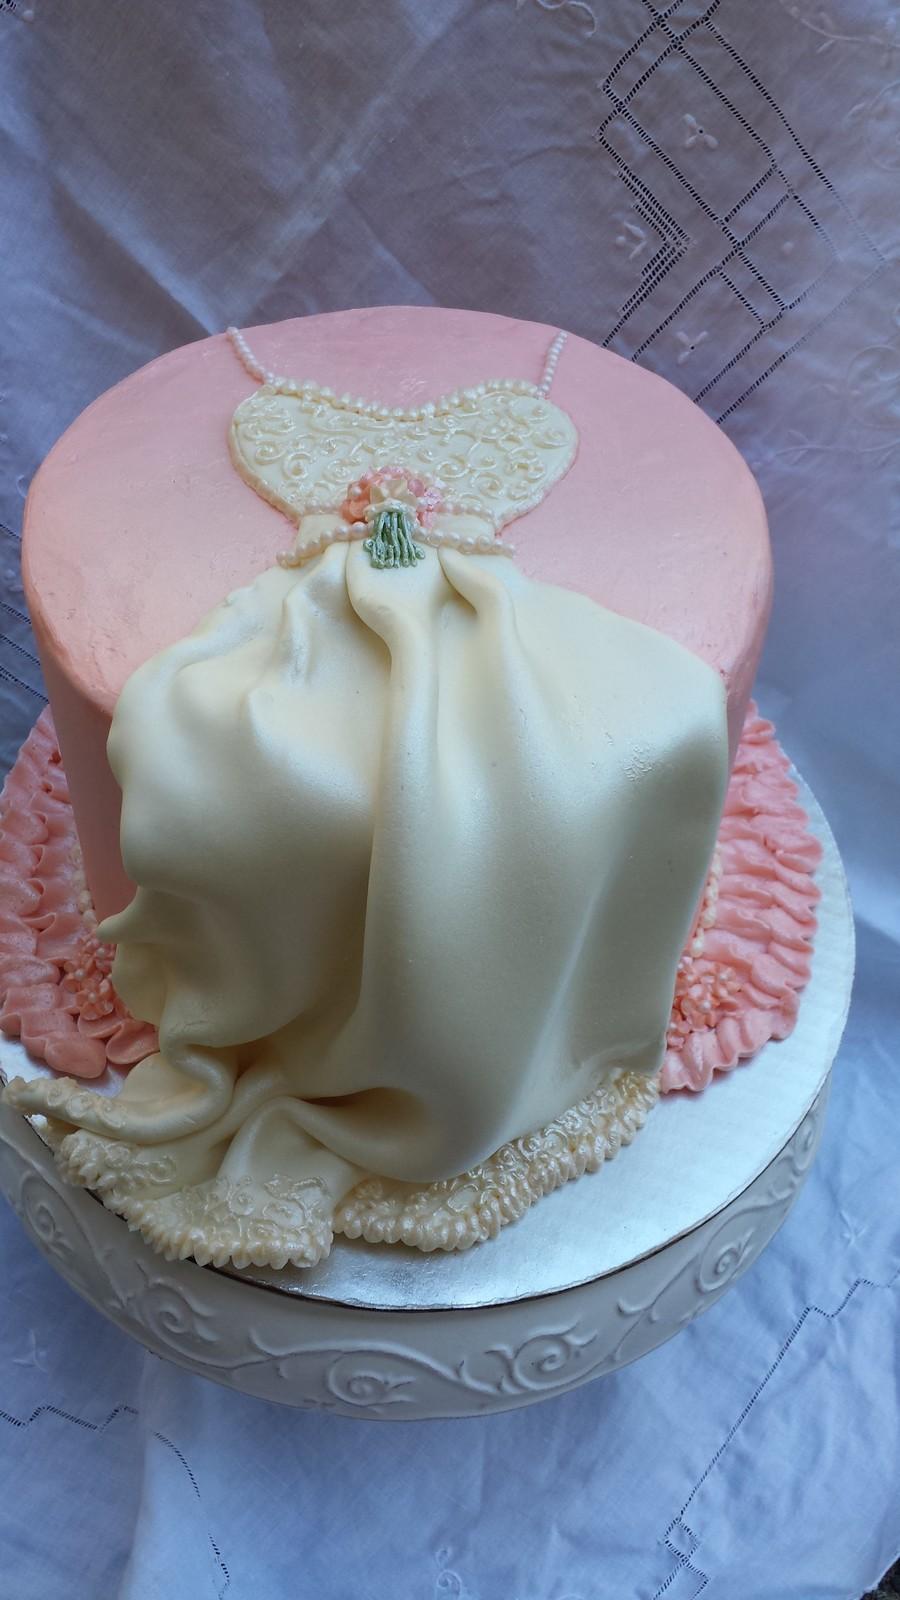 Classic Wedding Dress Cake For Shower Cakecentral Com